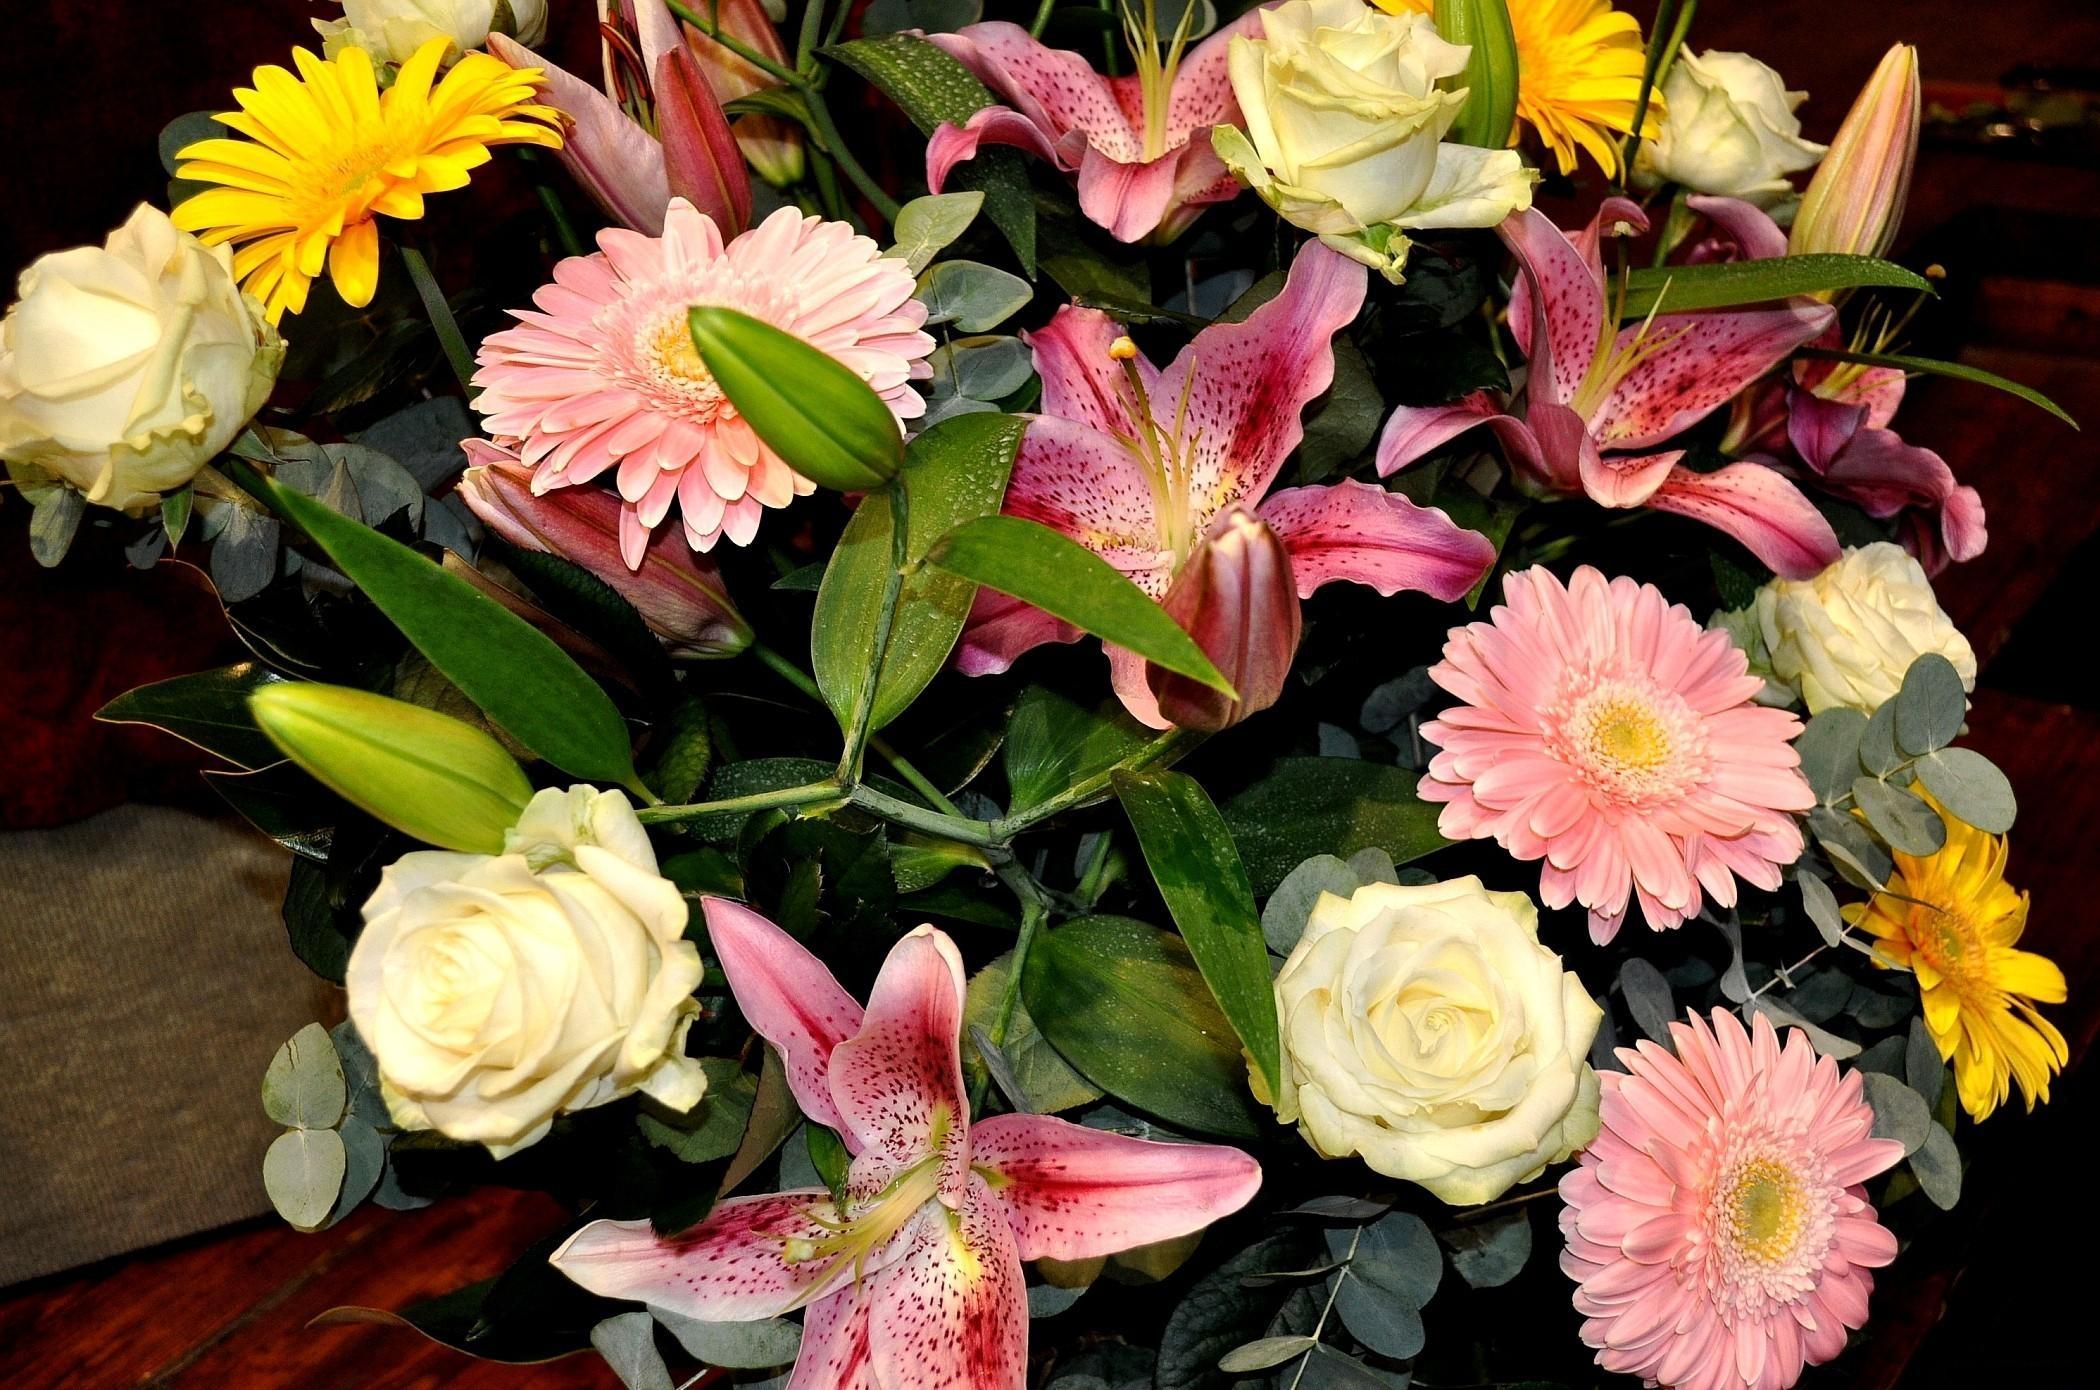 139134 скачать обои Цветы, Лилии, Букет, Листья, Розы, Герберы - заставки и картинки бесплатно